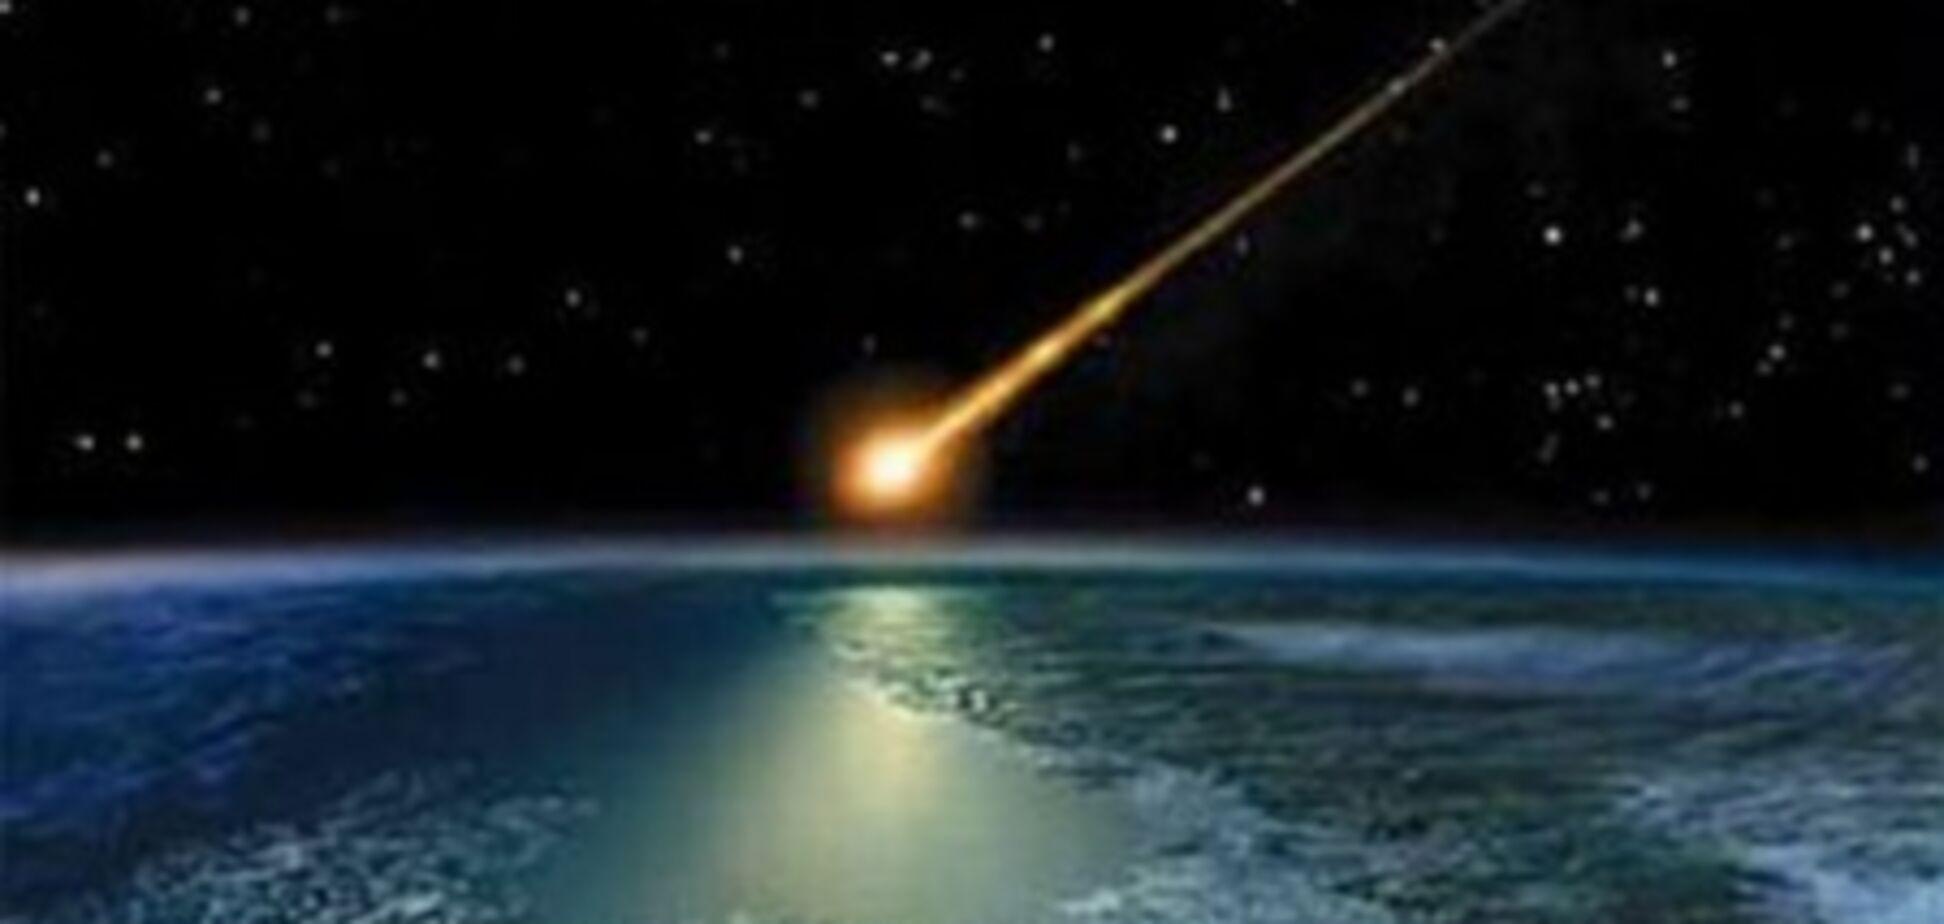 Європейці прийняли за НЛО уламок російської ракети-носія. Відео